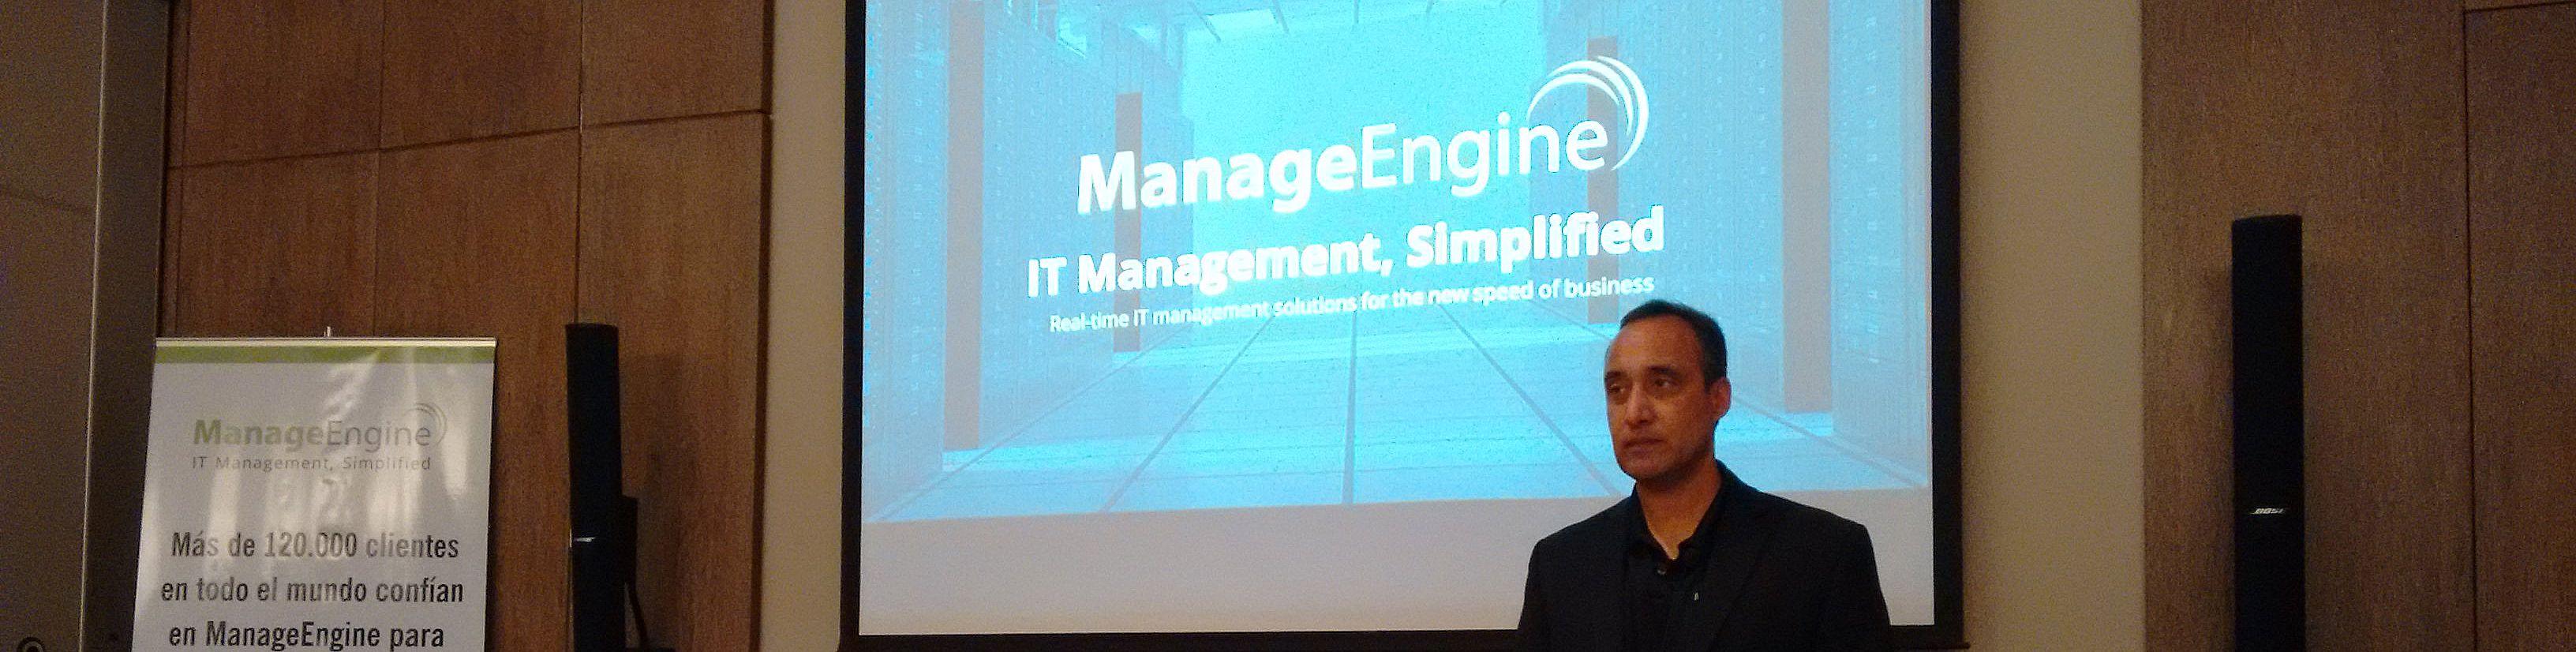 ManageEngine: La tecnología no debe cambiar los procesos de negocio